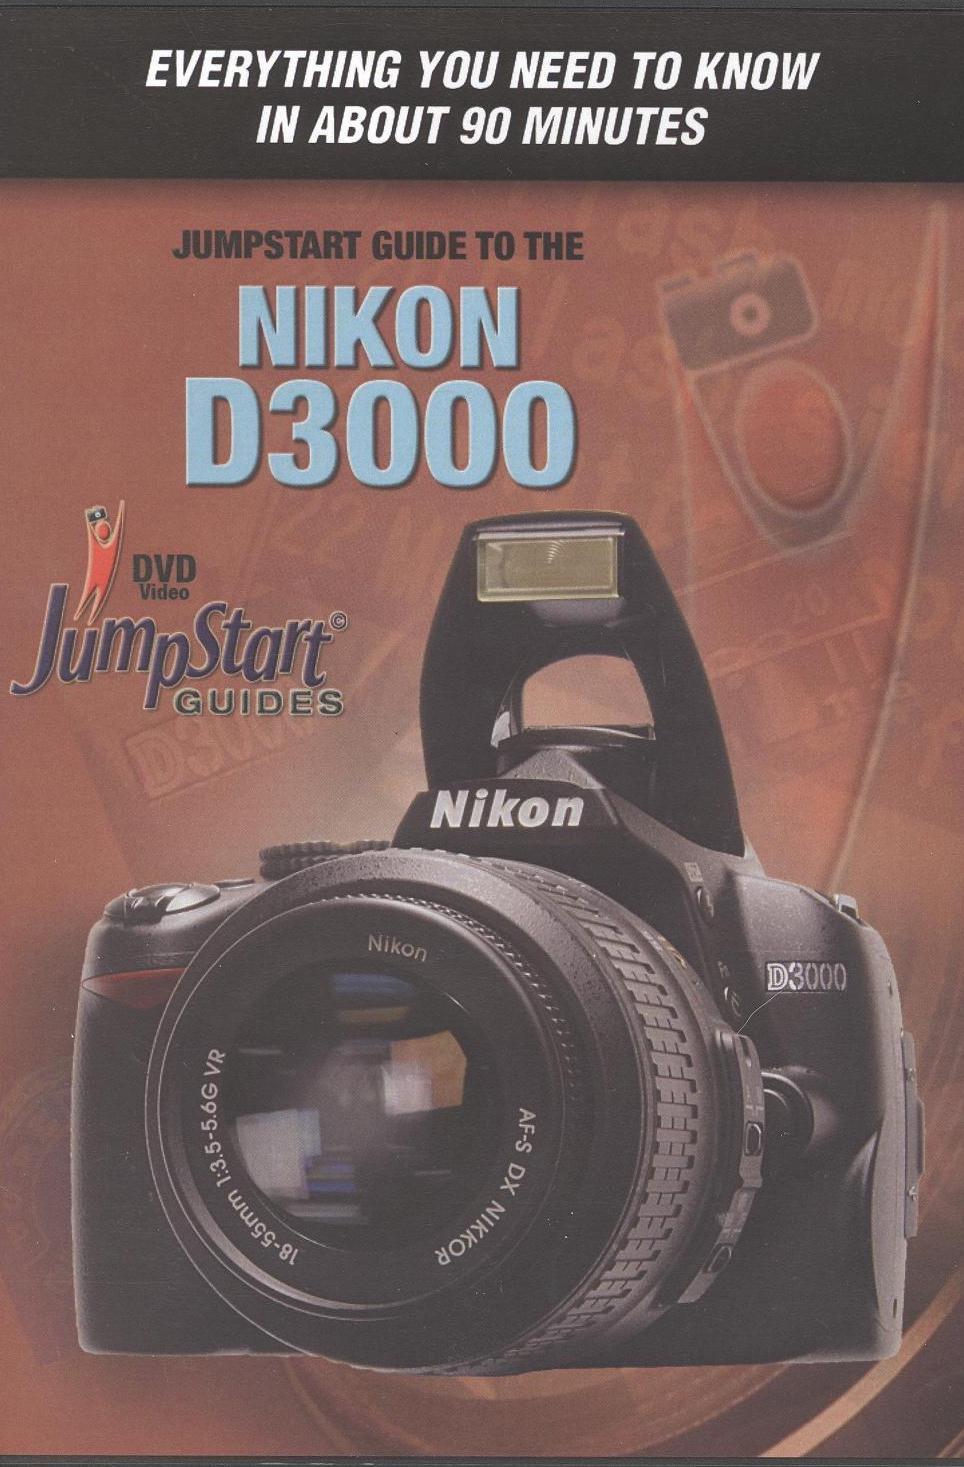 Amazon nikon d3000 jumpstart guide tutorial dvd jumpstart amazon nikon d3000 jumpstart guide tutorial dvd jumpstart movies tv baditri Images